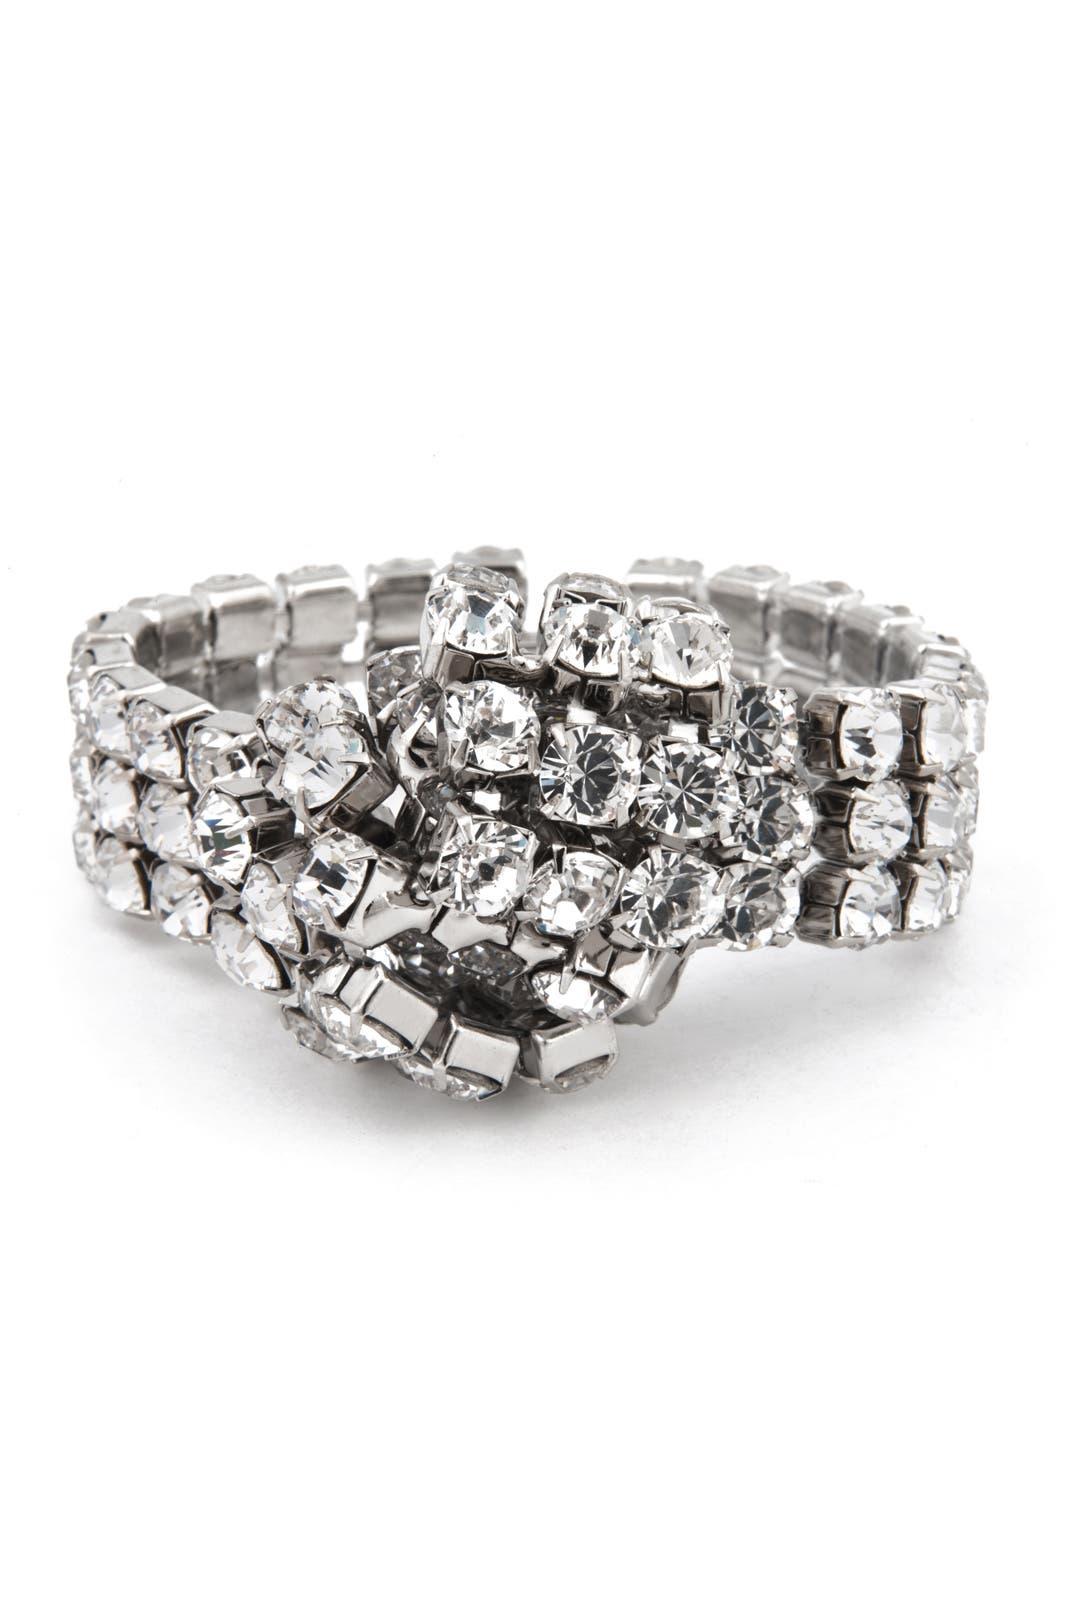 Crystal Knot Bracelet by Janis Savitt